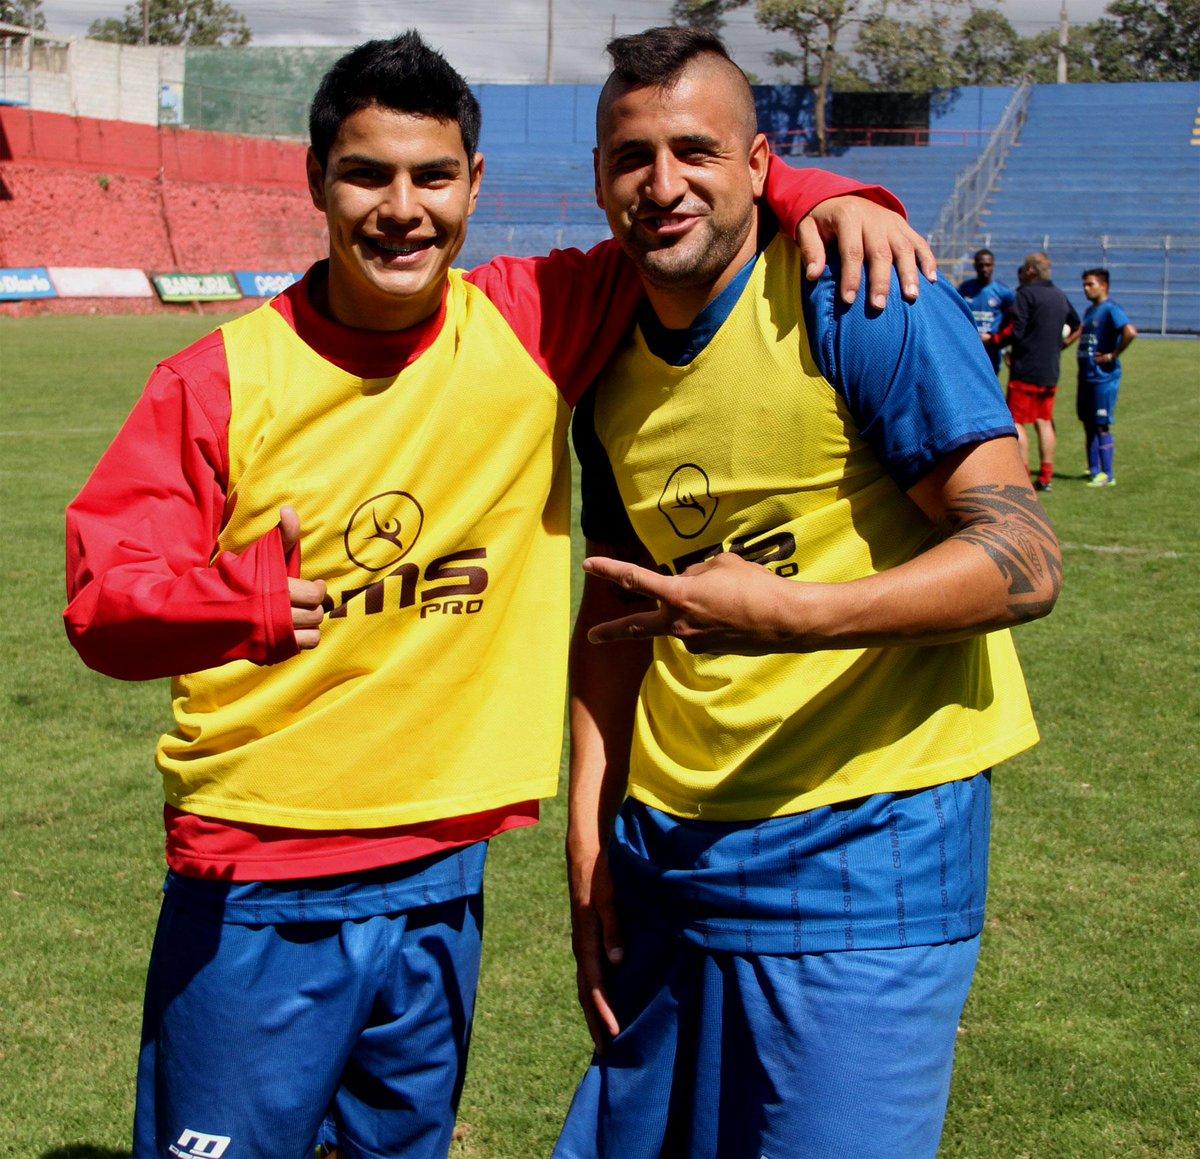 @kvnsantamaria24 y @petocallorda21 en la práctica de @Rojos_Municipal http://t.co/ktmKffzyZx